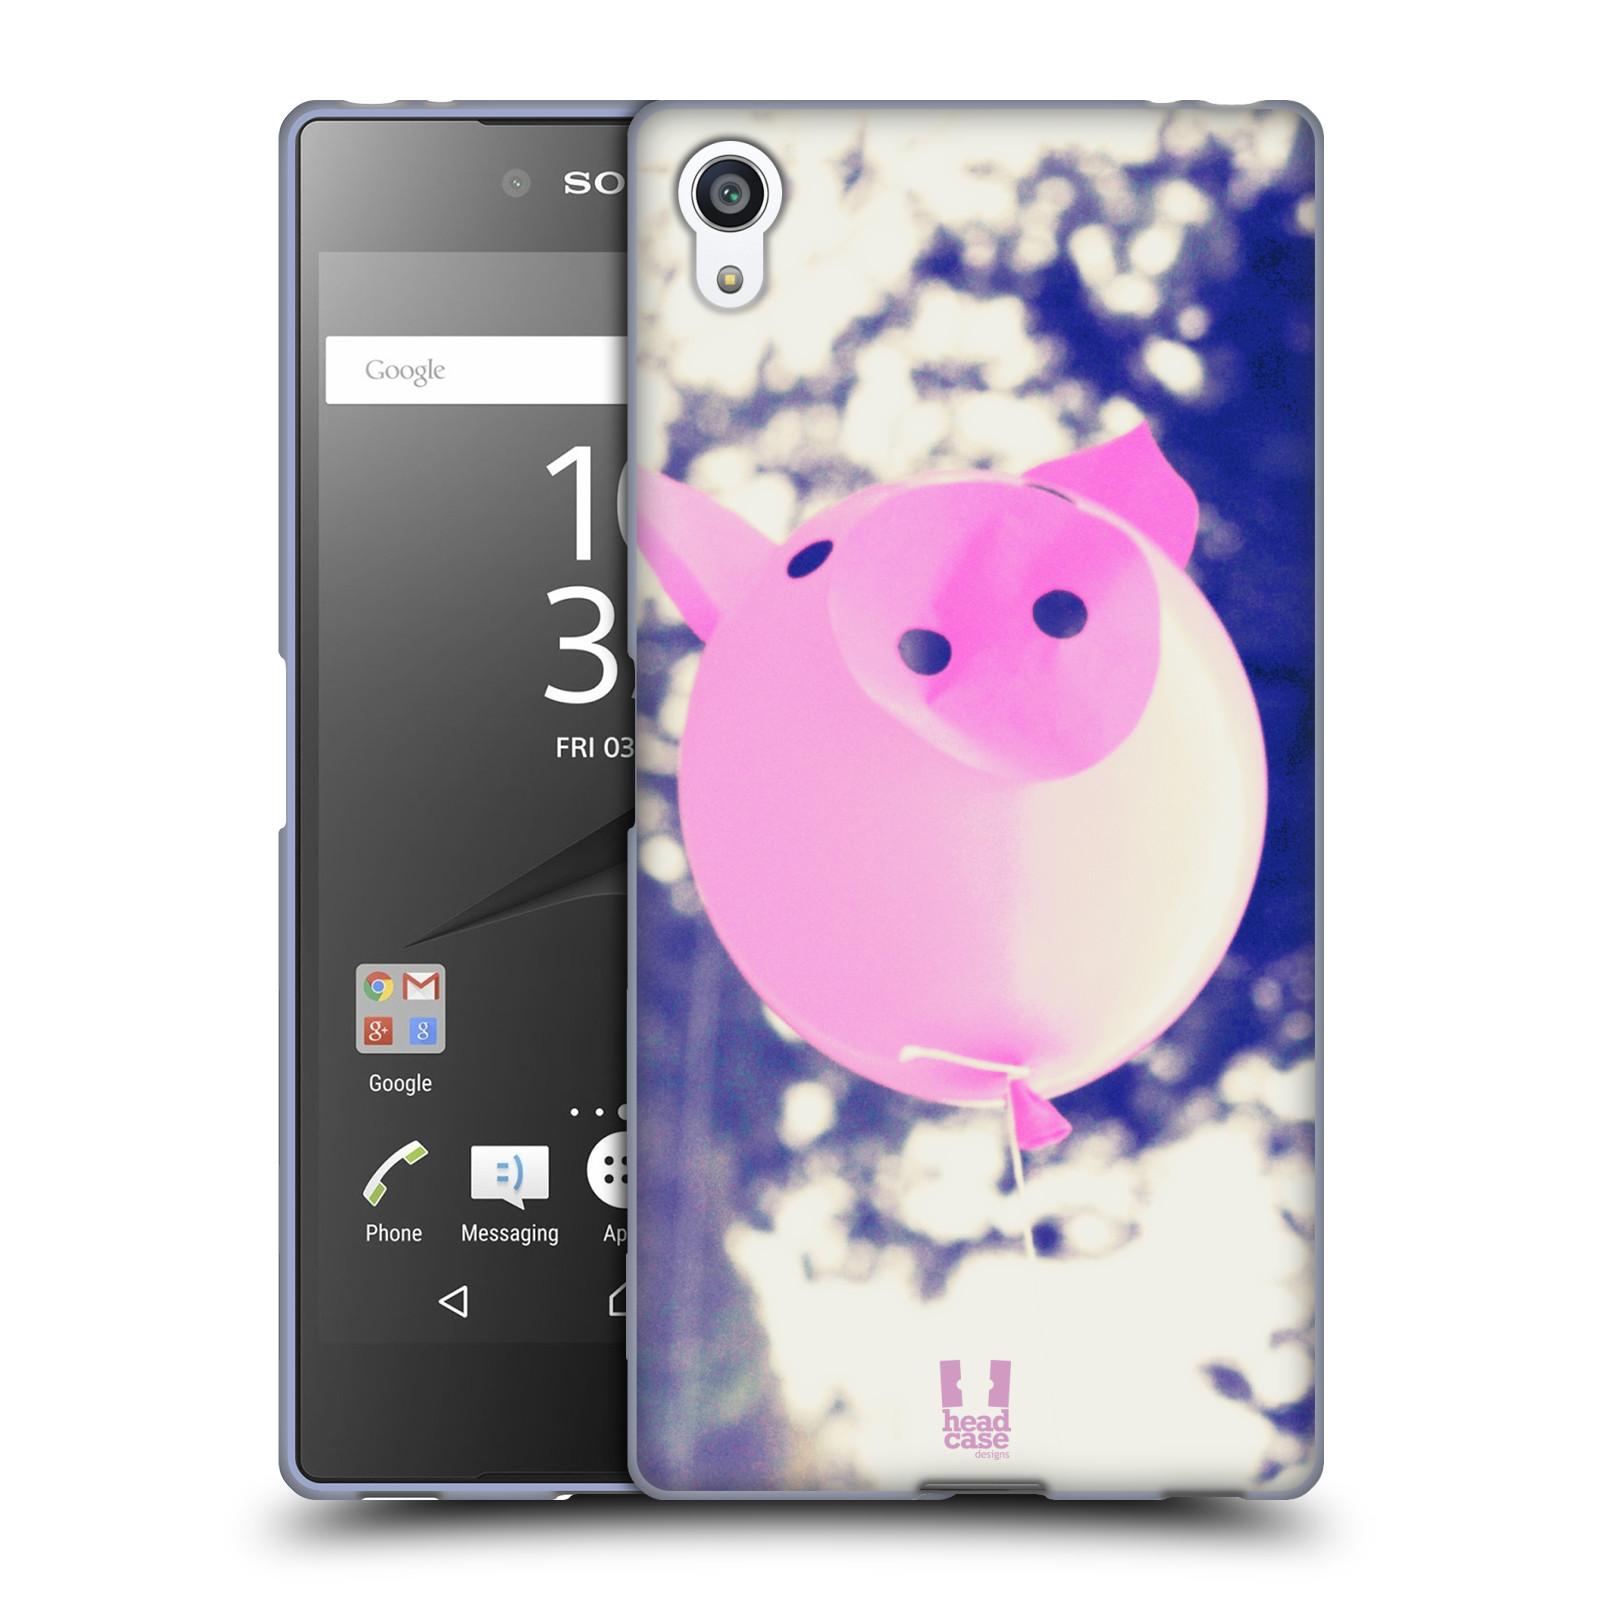 Silikonové pouzdro na mobil Sony Xperia Z5 Premium HEAD CASE BALON PAŠÍK